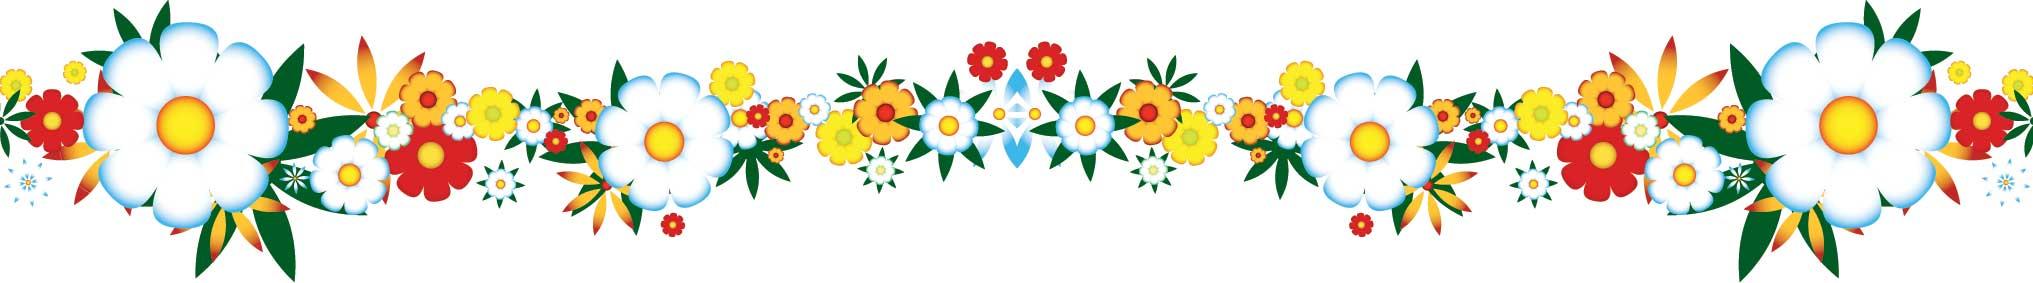 花のライン線イラスト-カラフルな花 1本